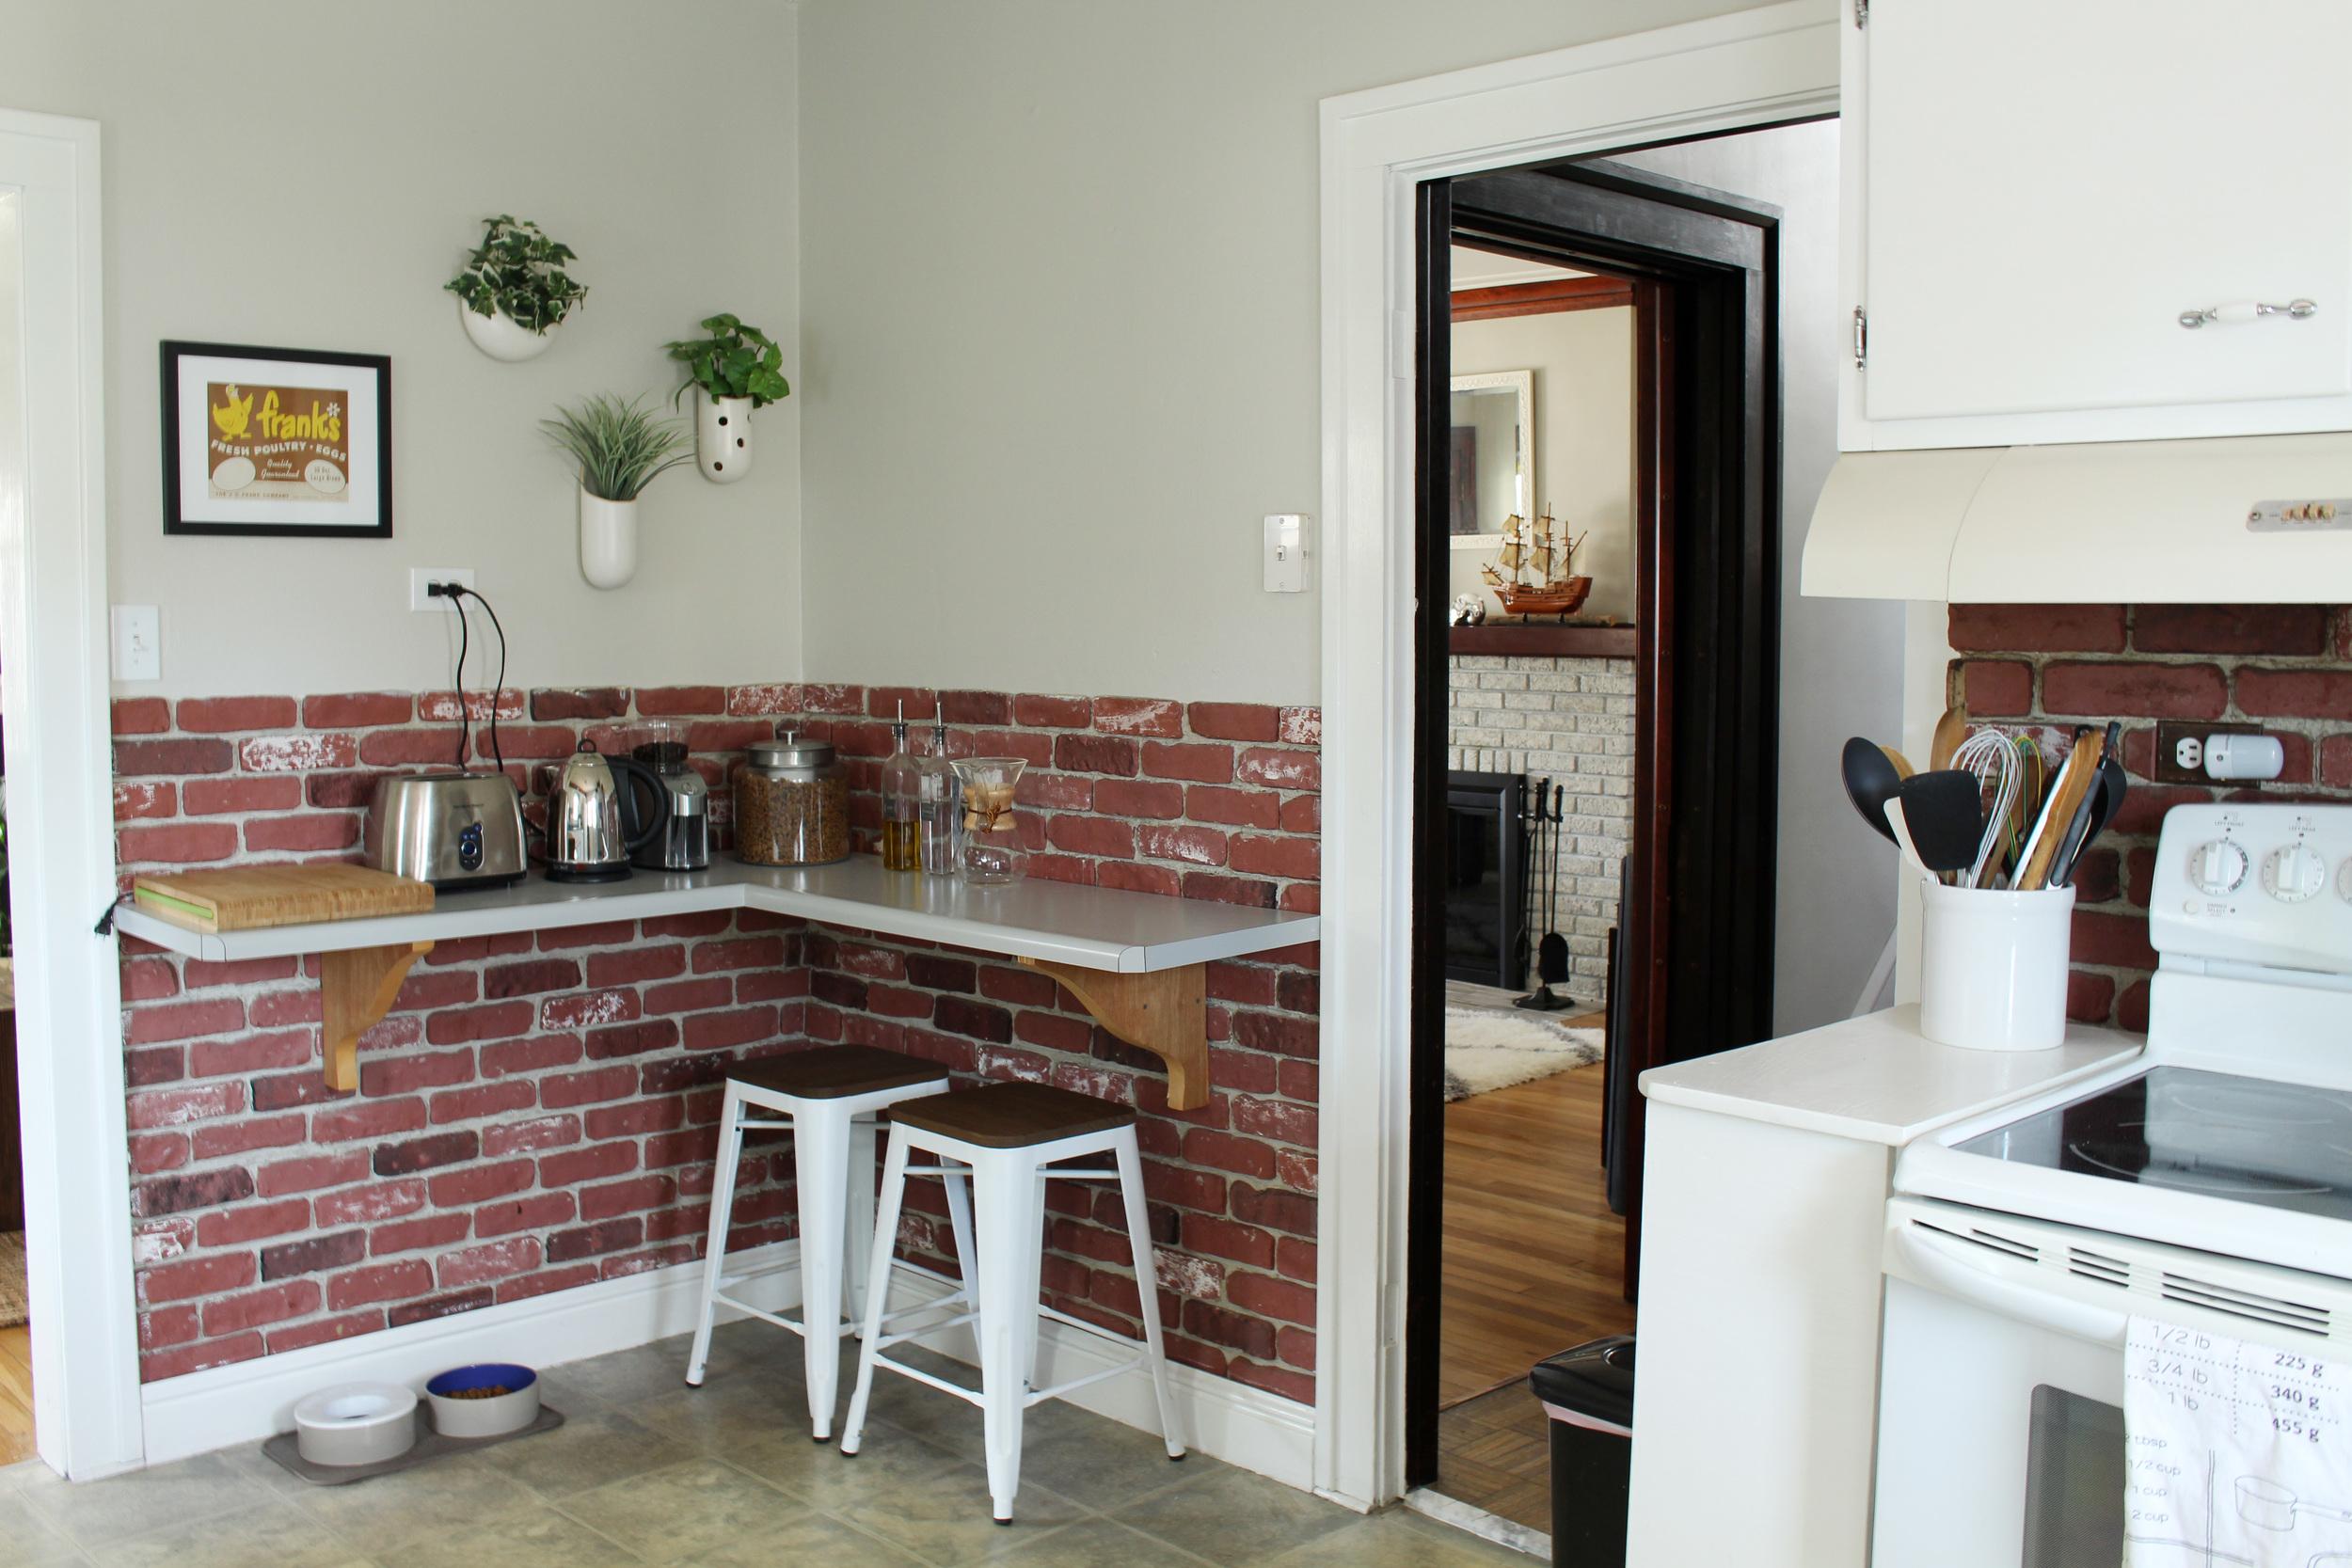 Kitchen_Before_5.jpg